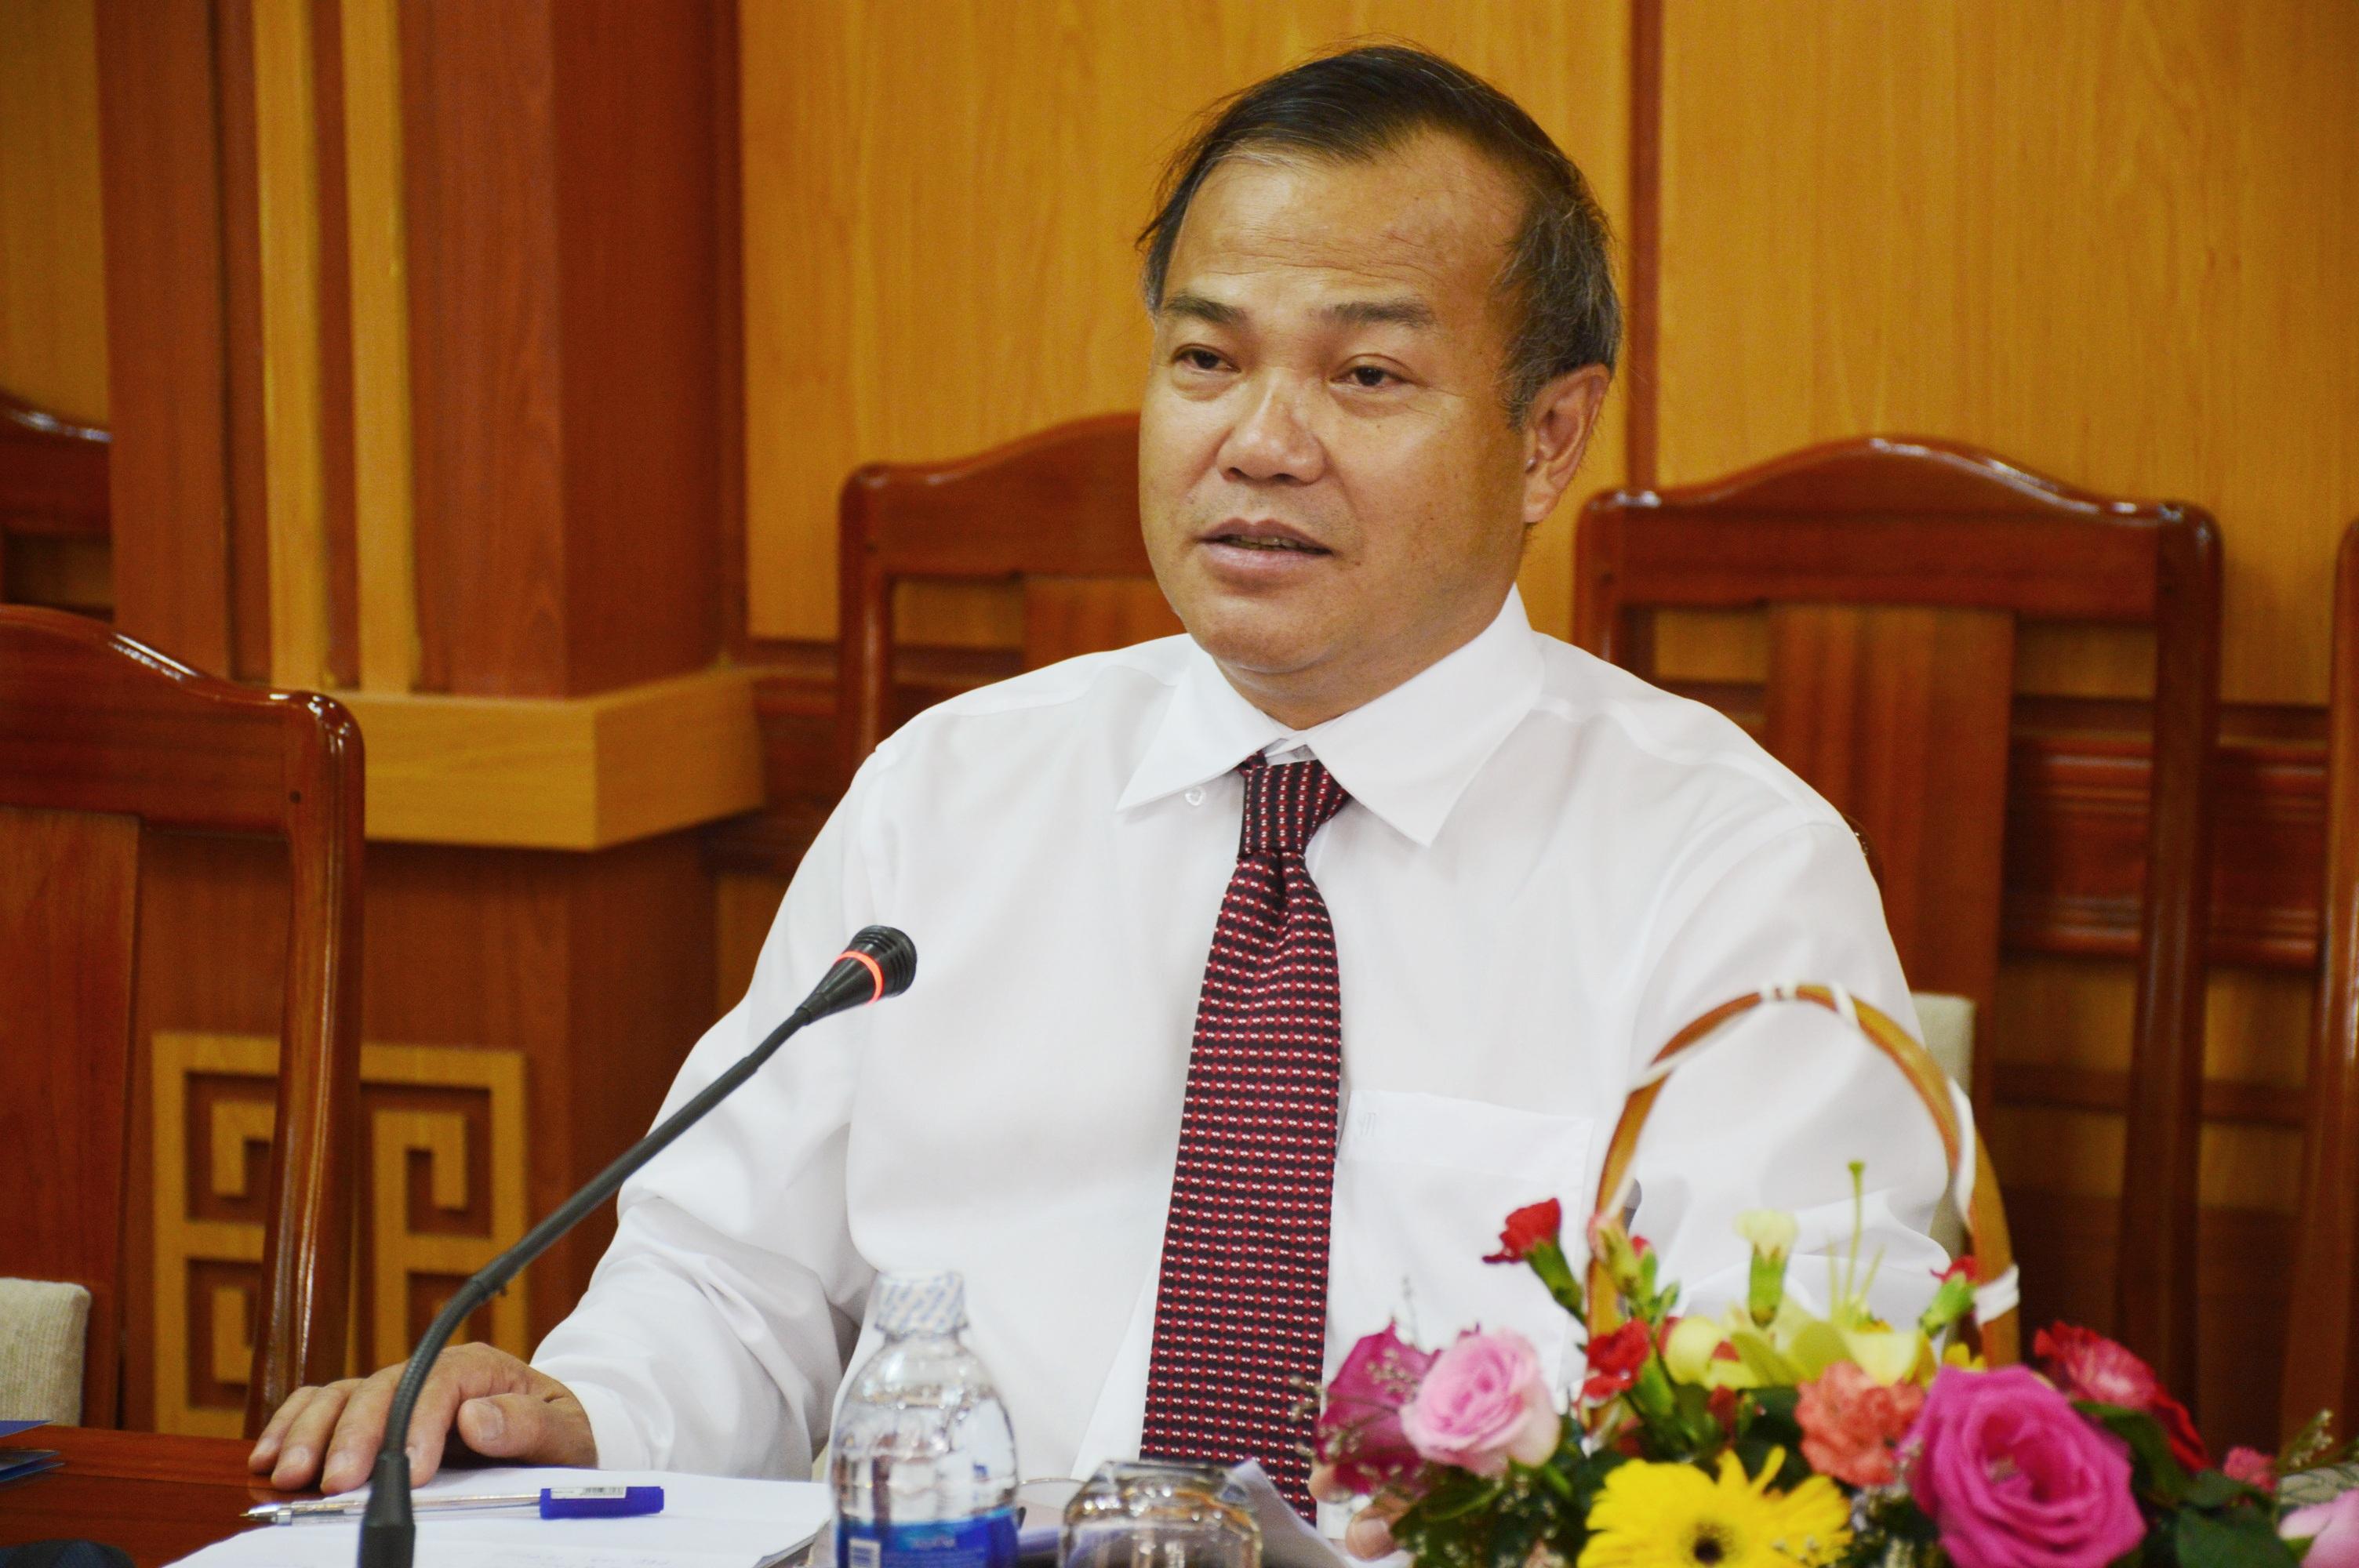 Đại sứ Đặc mệnh toàn quyền Việt Nam tại Nhật Bản Vũ Hồng Nam cho rằng, Quảng Nam cần phát huy nguồn lực lao động dồi dào bằng việc tìm kiếm cơ hội tại thị trường Nhật Bản. Ảnh: Q.T